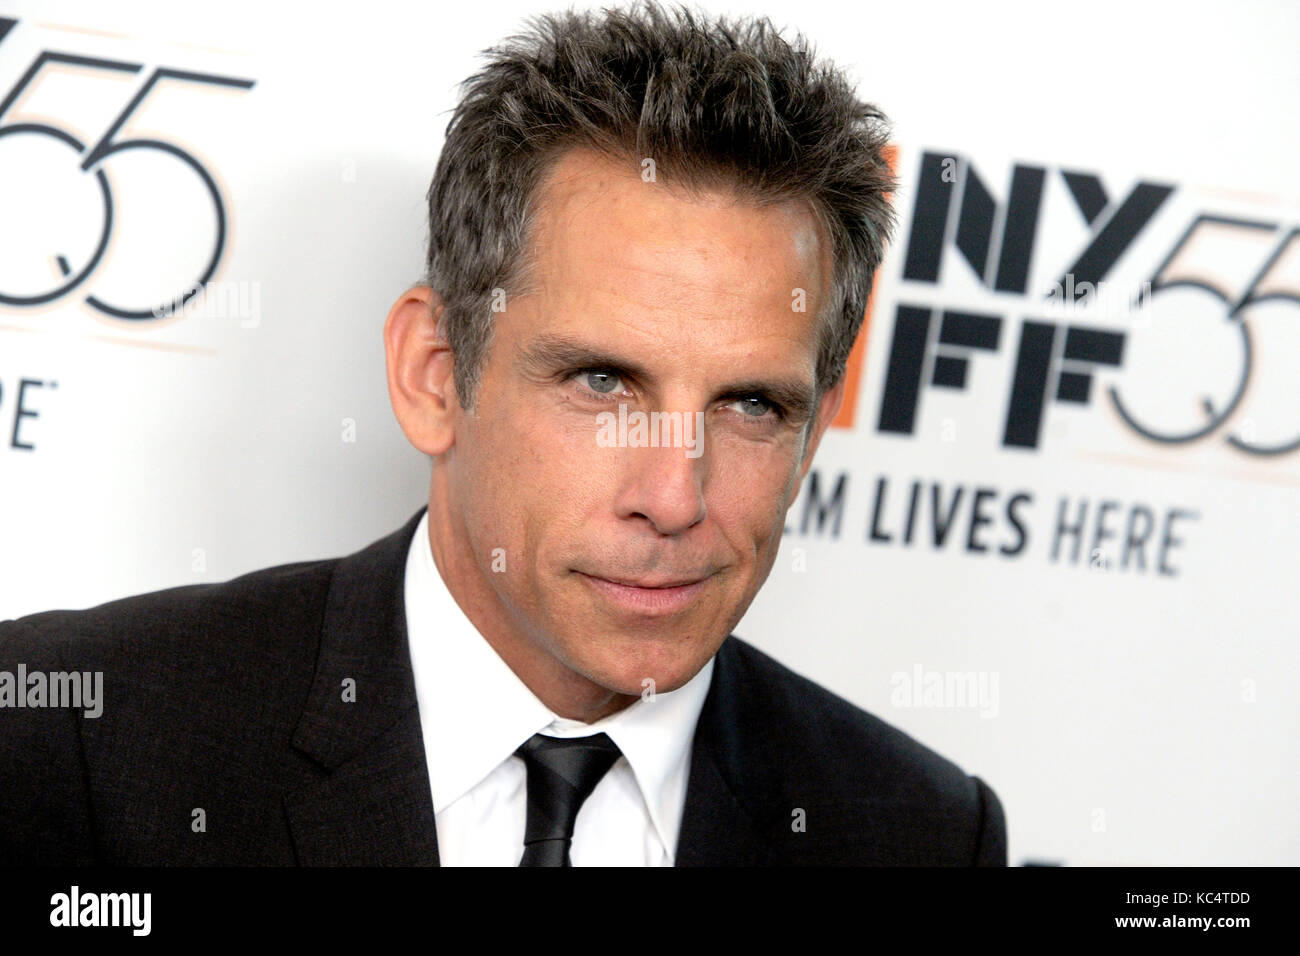 Ben Stiller besucht 'Premiere der meyerowitz Geschichten' während der 55Th New York Film Festival in Stockbild